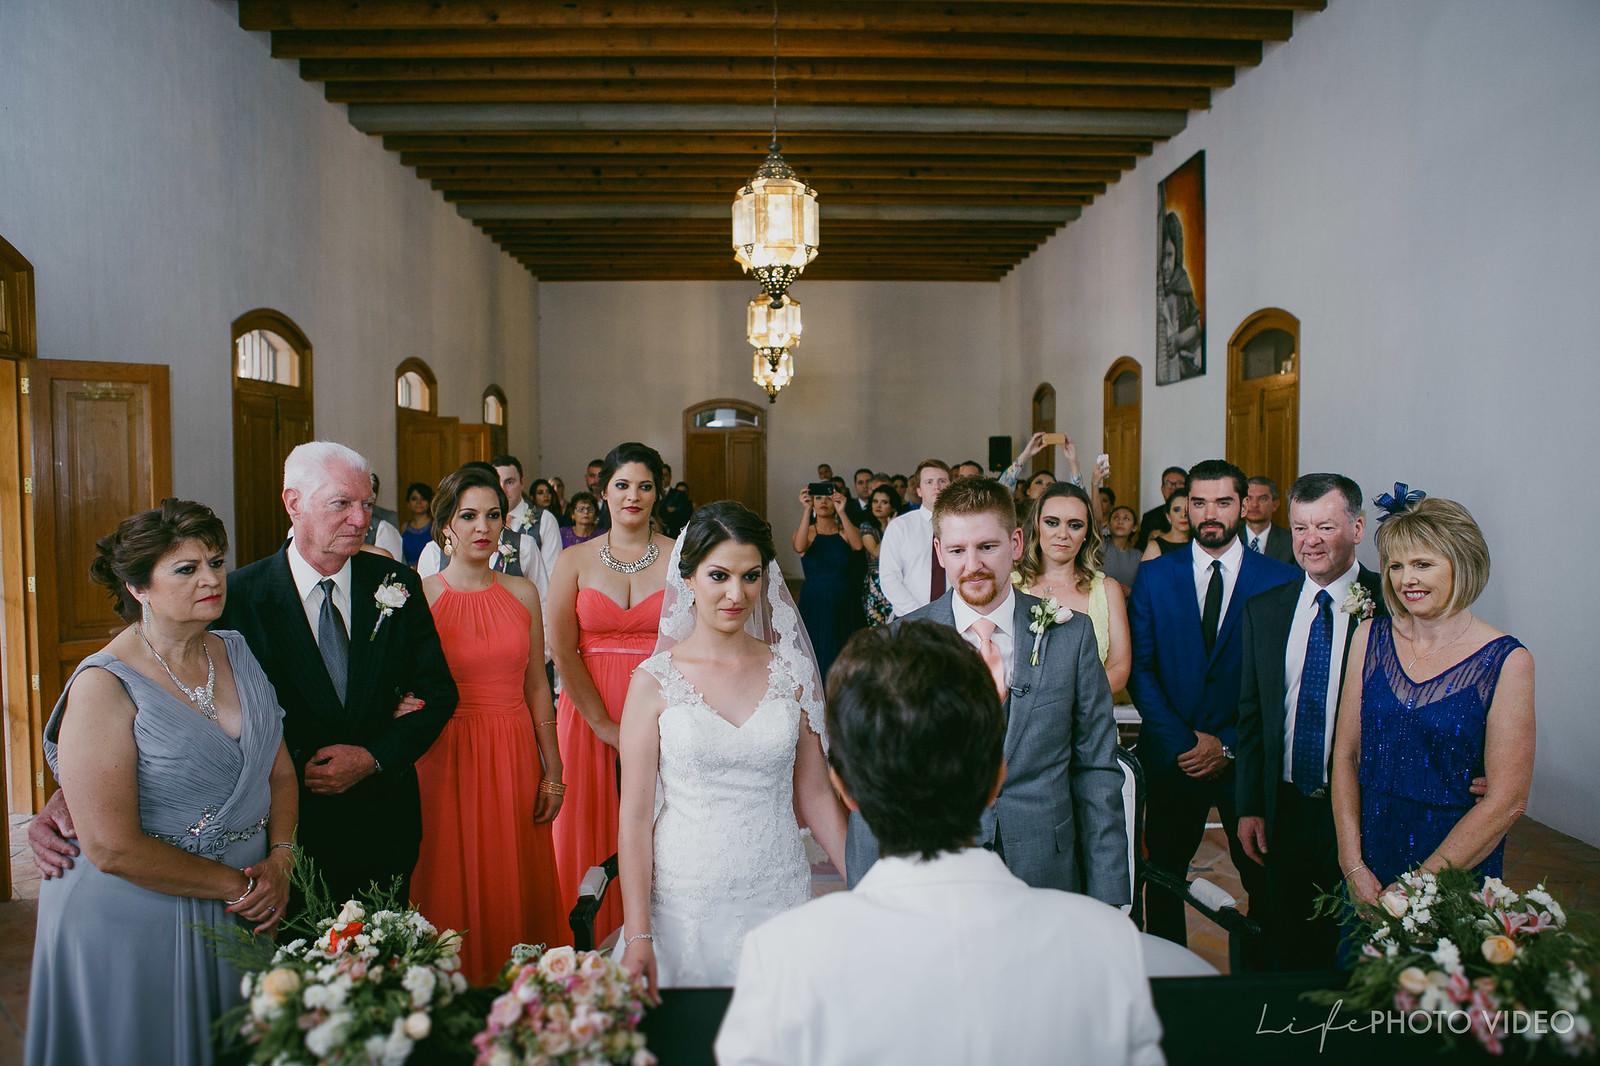 LifePhotoVideo_Boda_LeonGto_Wedding_0040.jpg